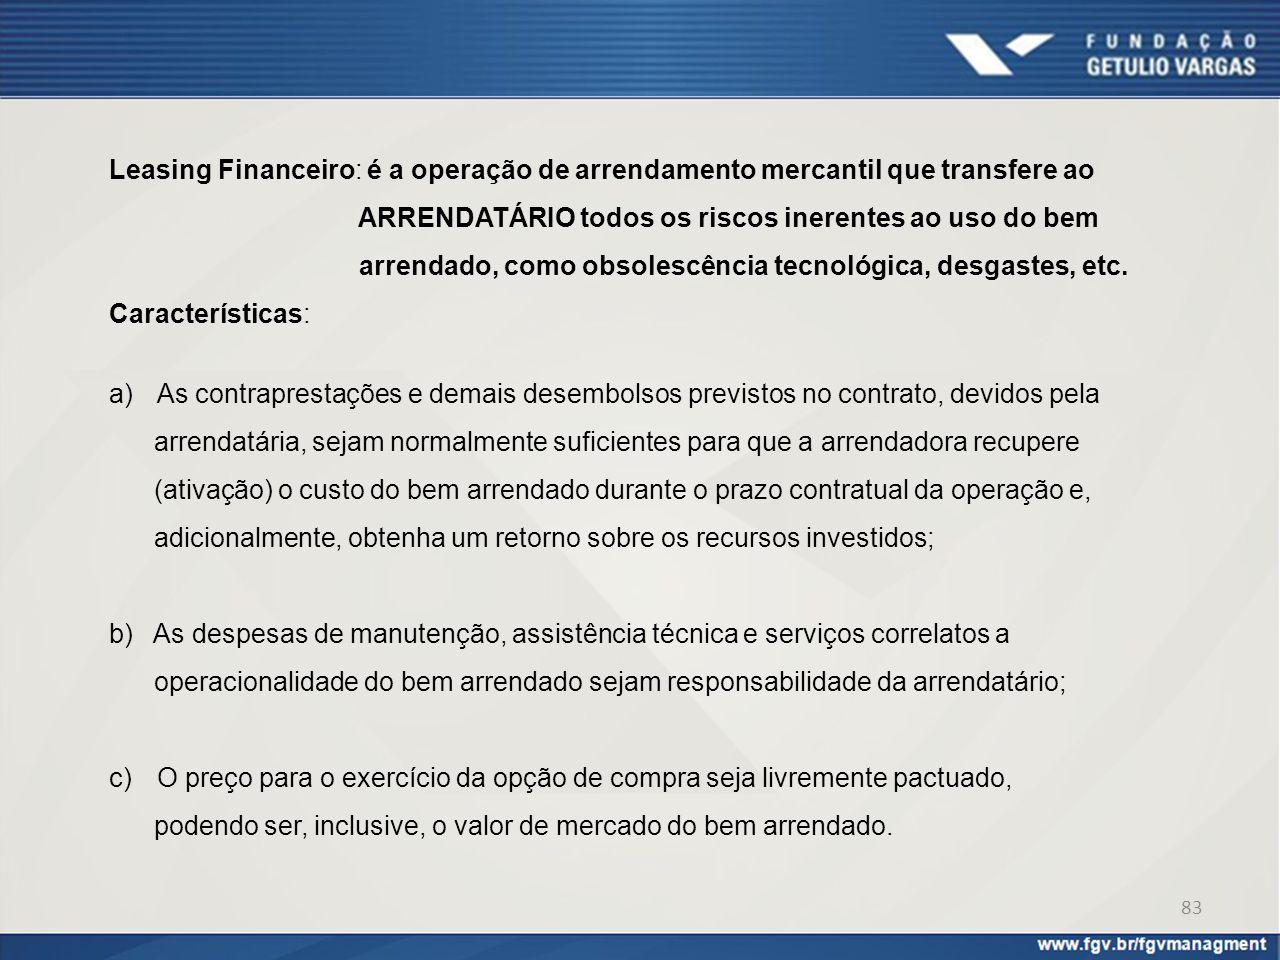 Leasing Financeiro: é a operação de arrendamento mercantil que transfere ao